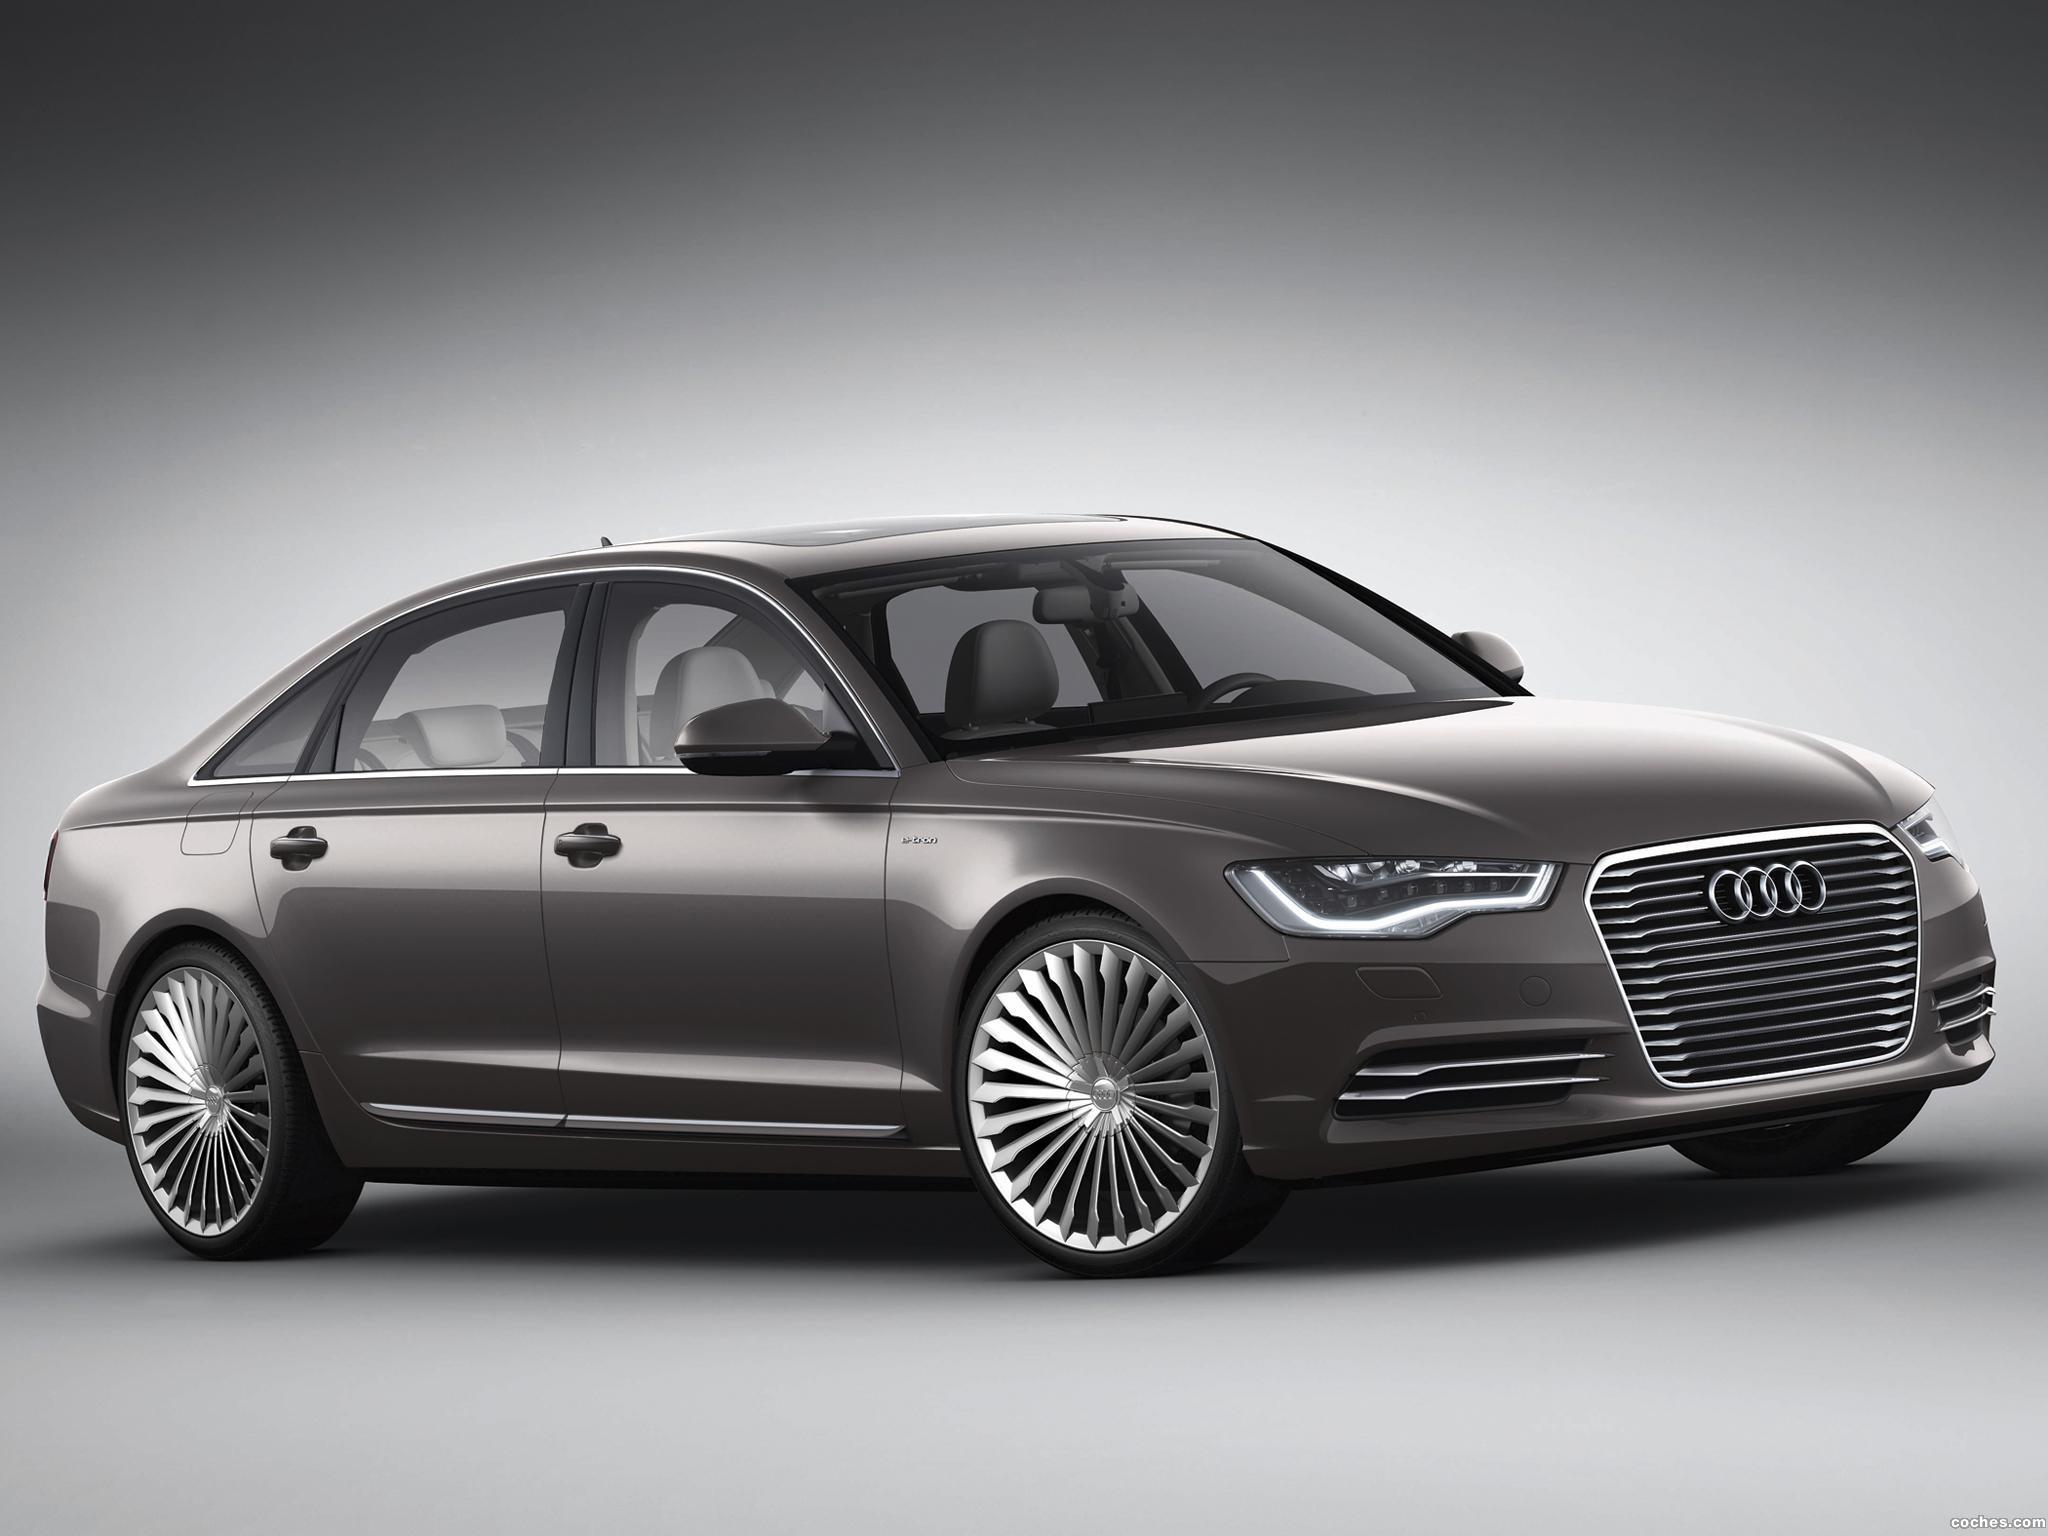 Foto 7 de Audi A6 L e-Tron Concept 2012